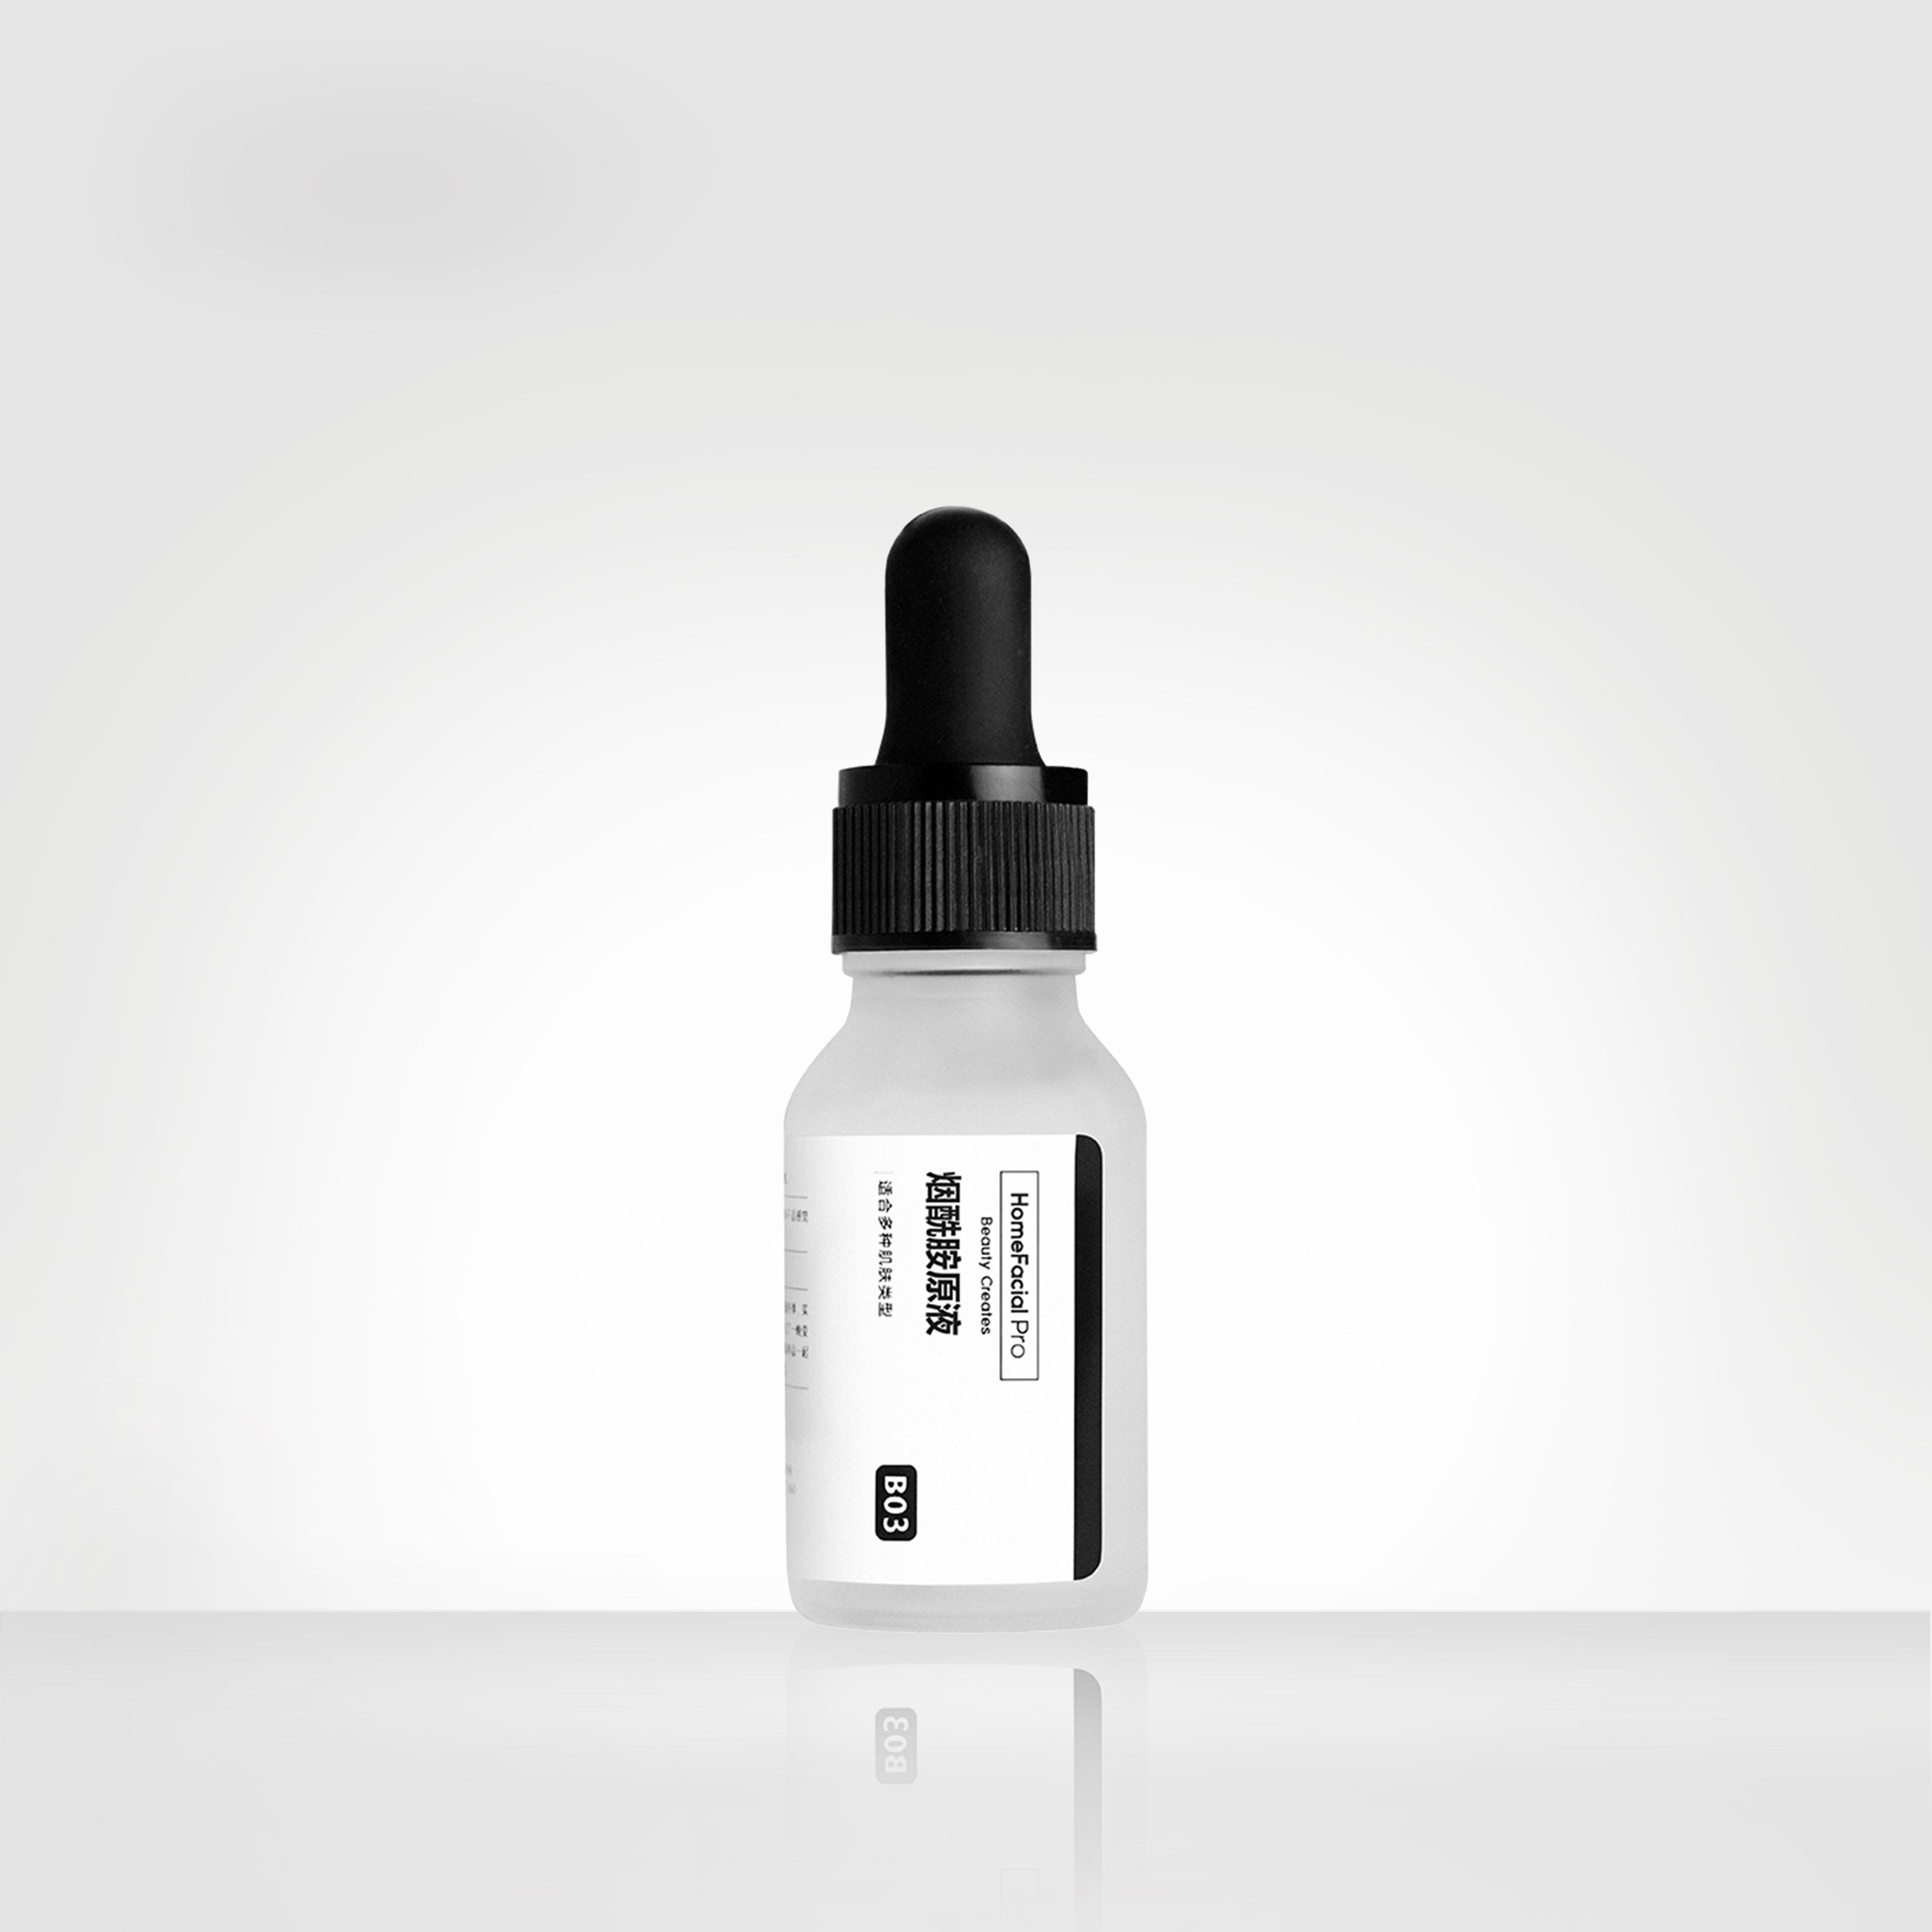 homefacialpro烟酰胺原液 补水保湿改善暗哑提亮肤色面部精华正品